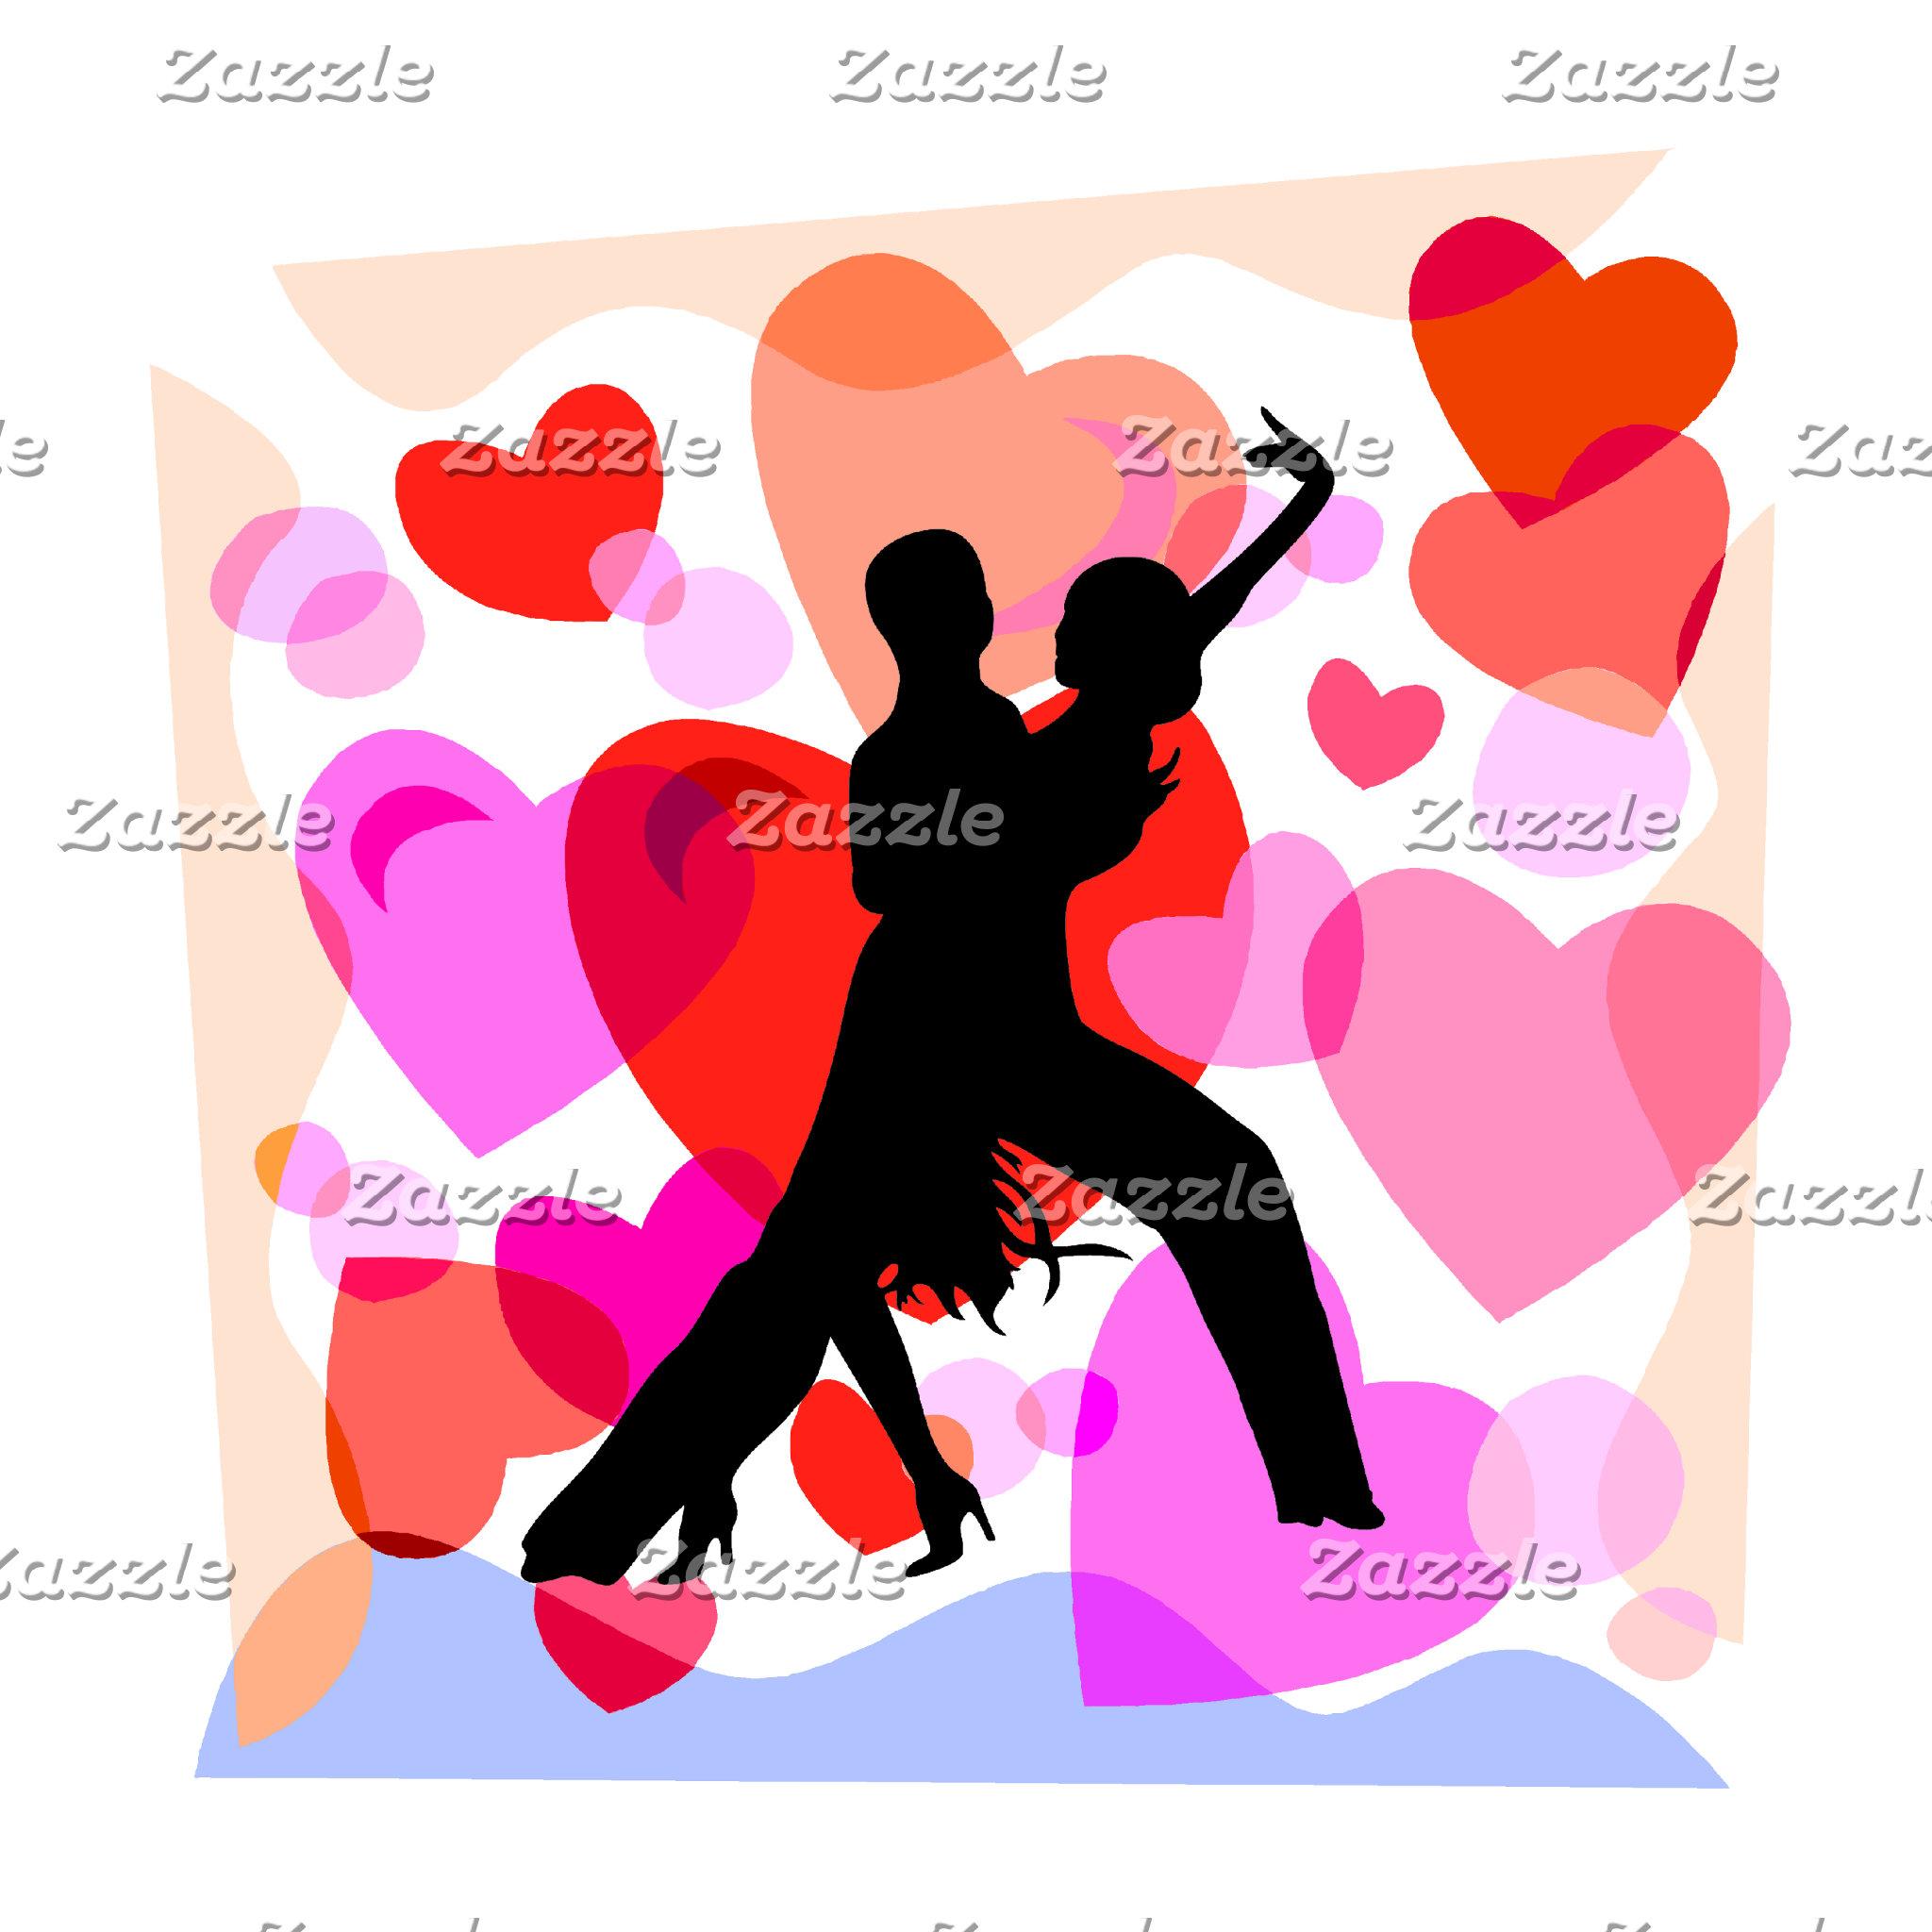 ballroom dancing hearts 4